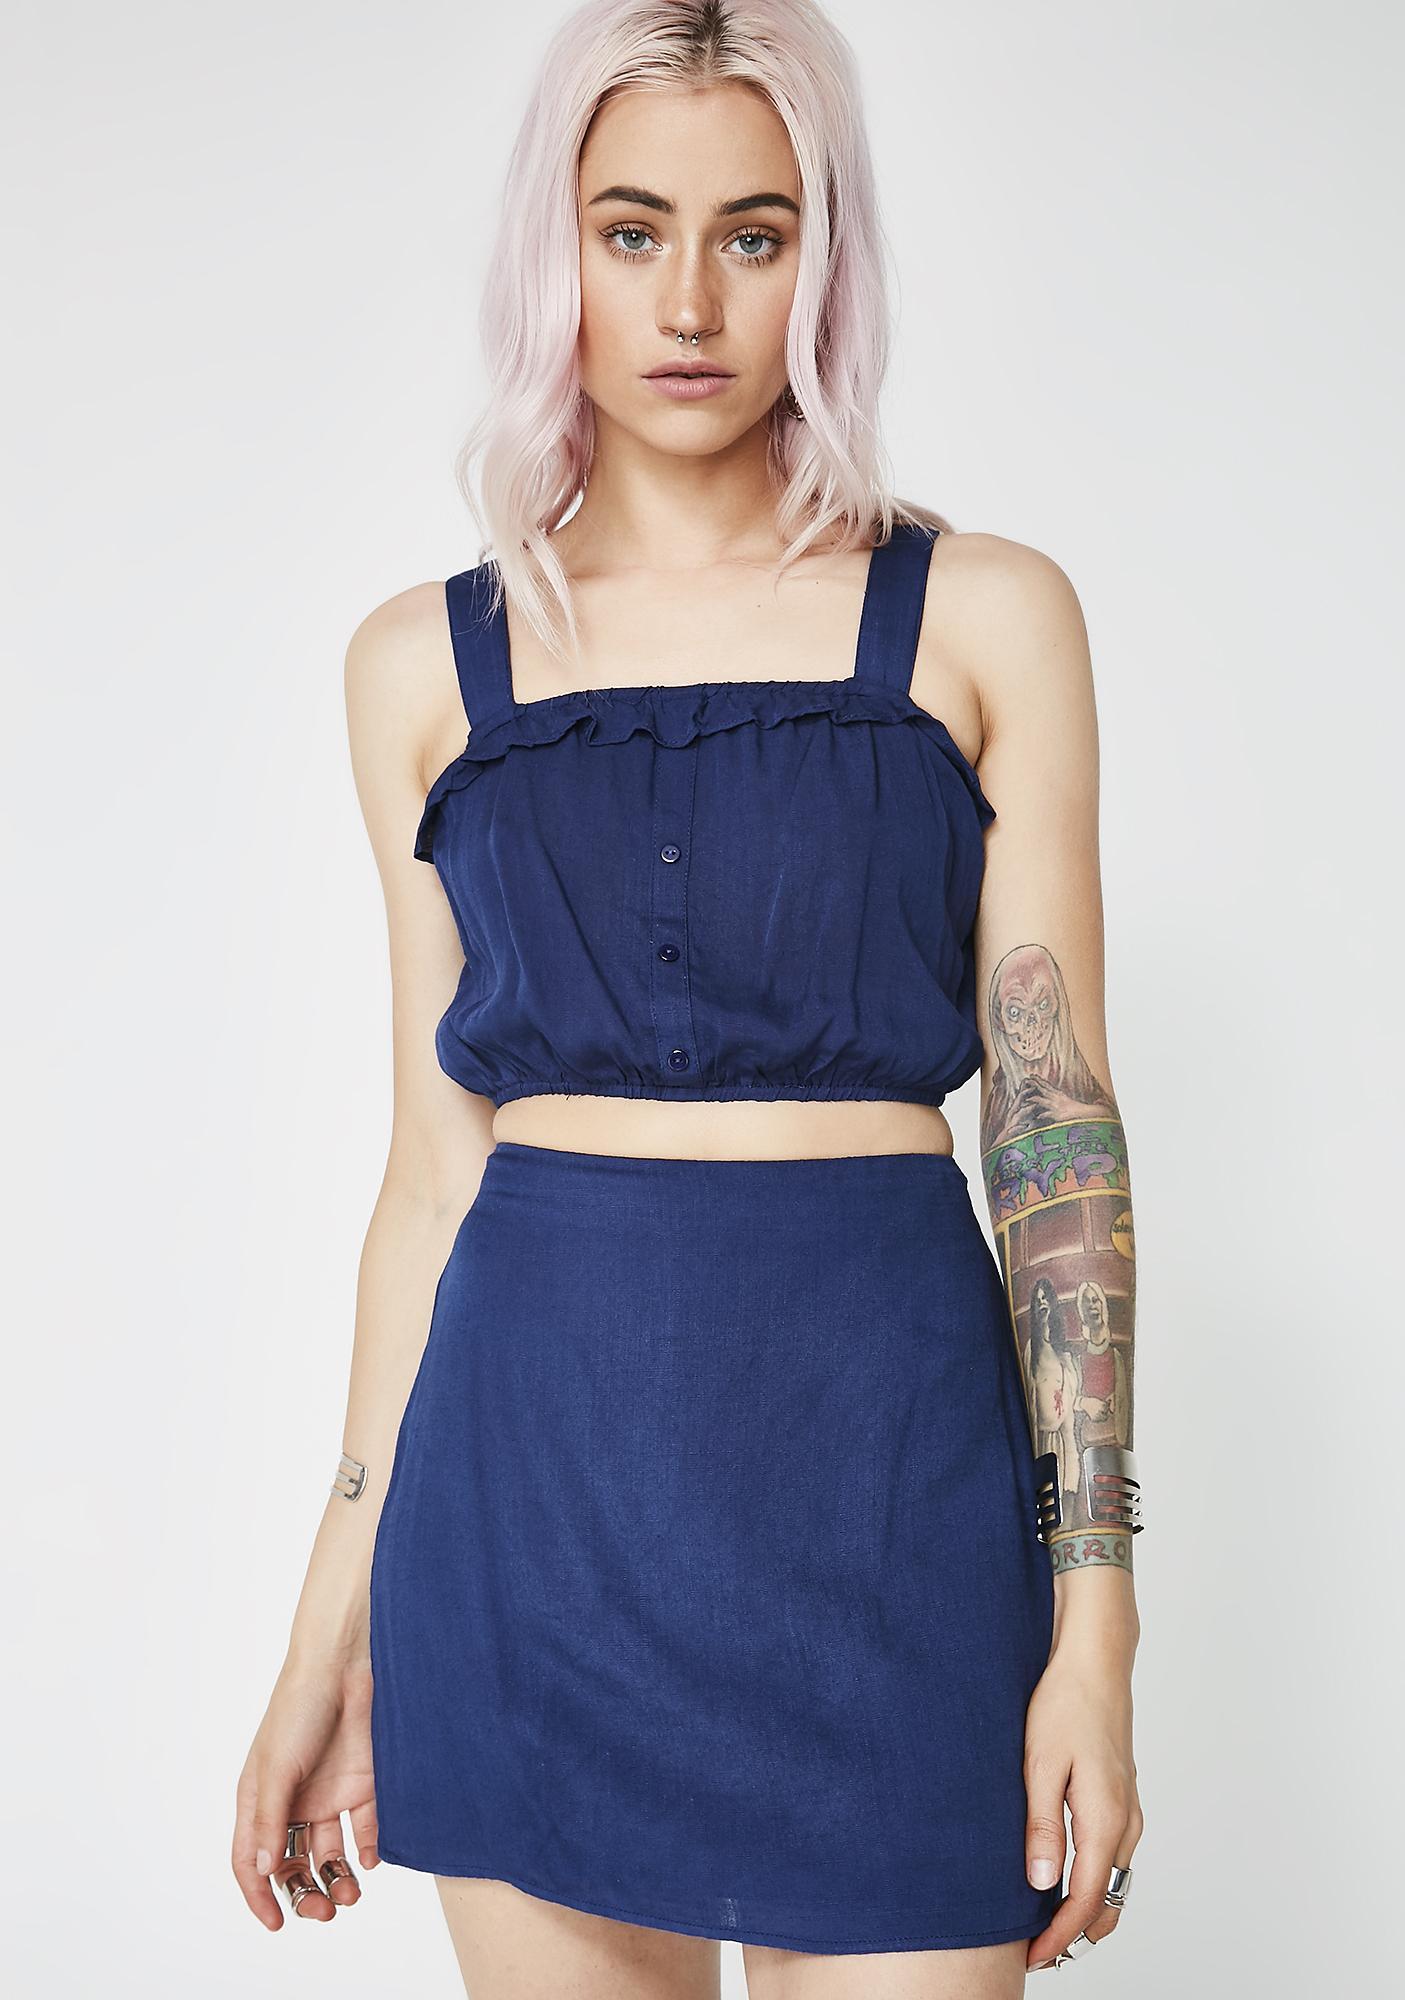 Itz All Good Mini Skirt